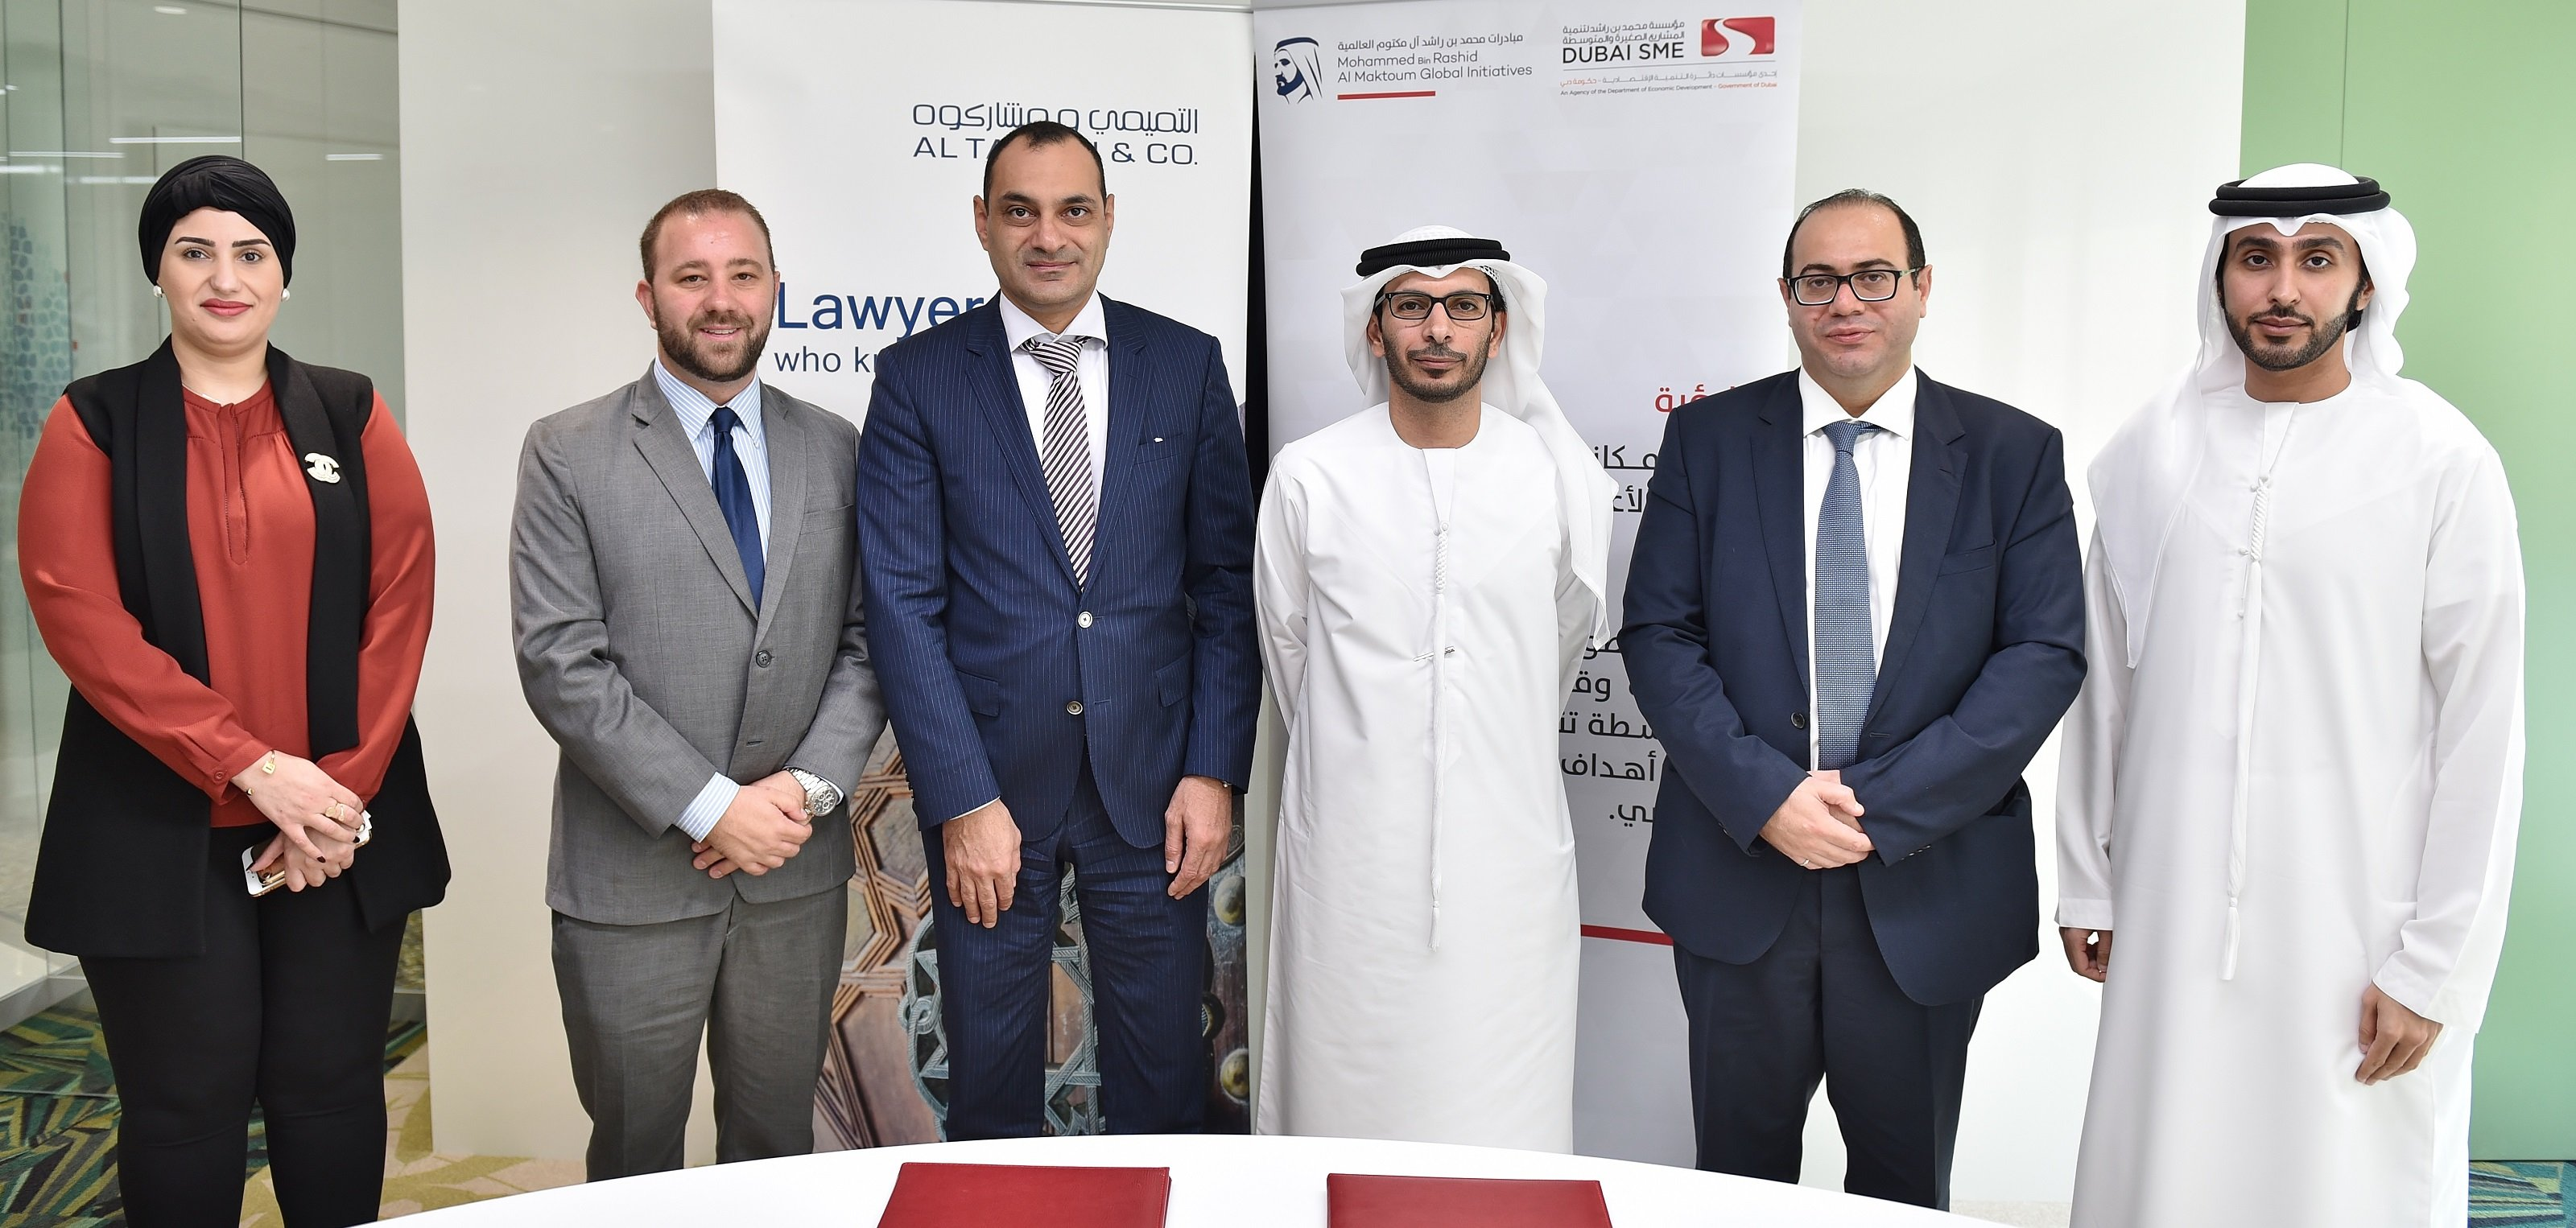 اتفاقية تعاون في دبي  لدعم رواد الأعمال من أصحاب المواهب والابتكارات